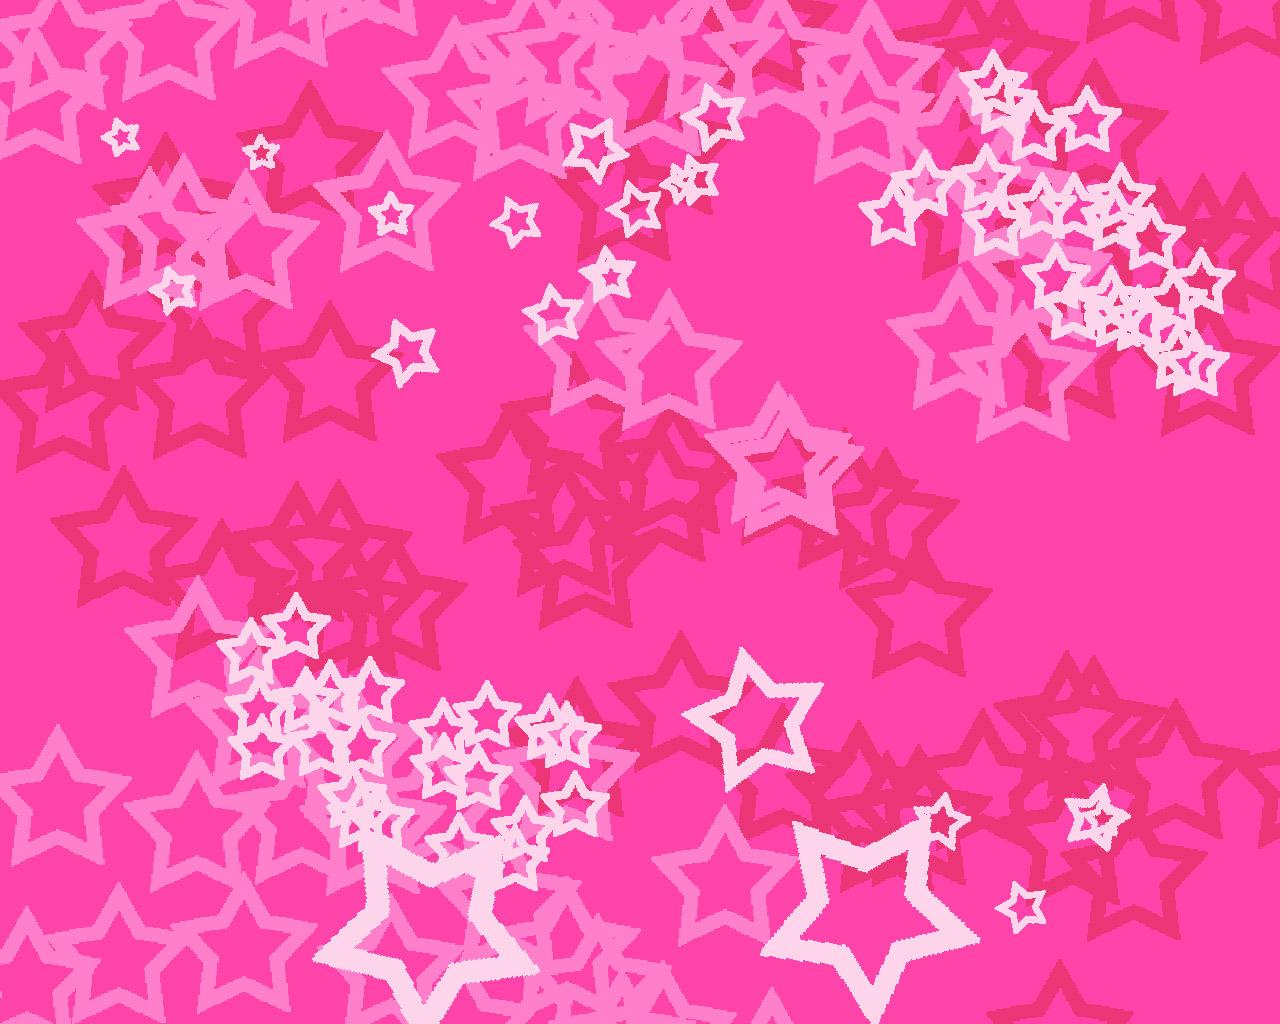 Pink wallpapersamazedwallpaper 1280x1024